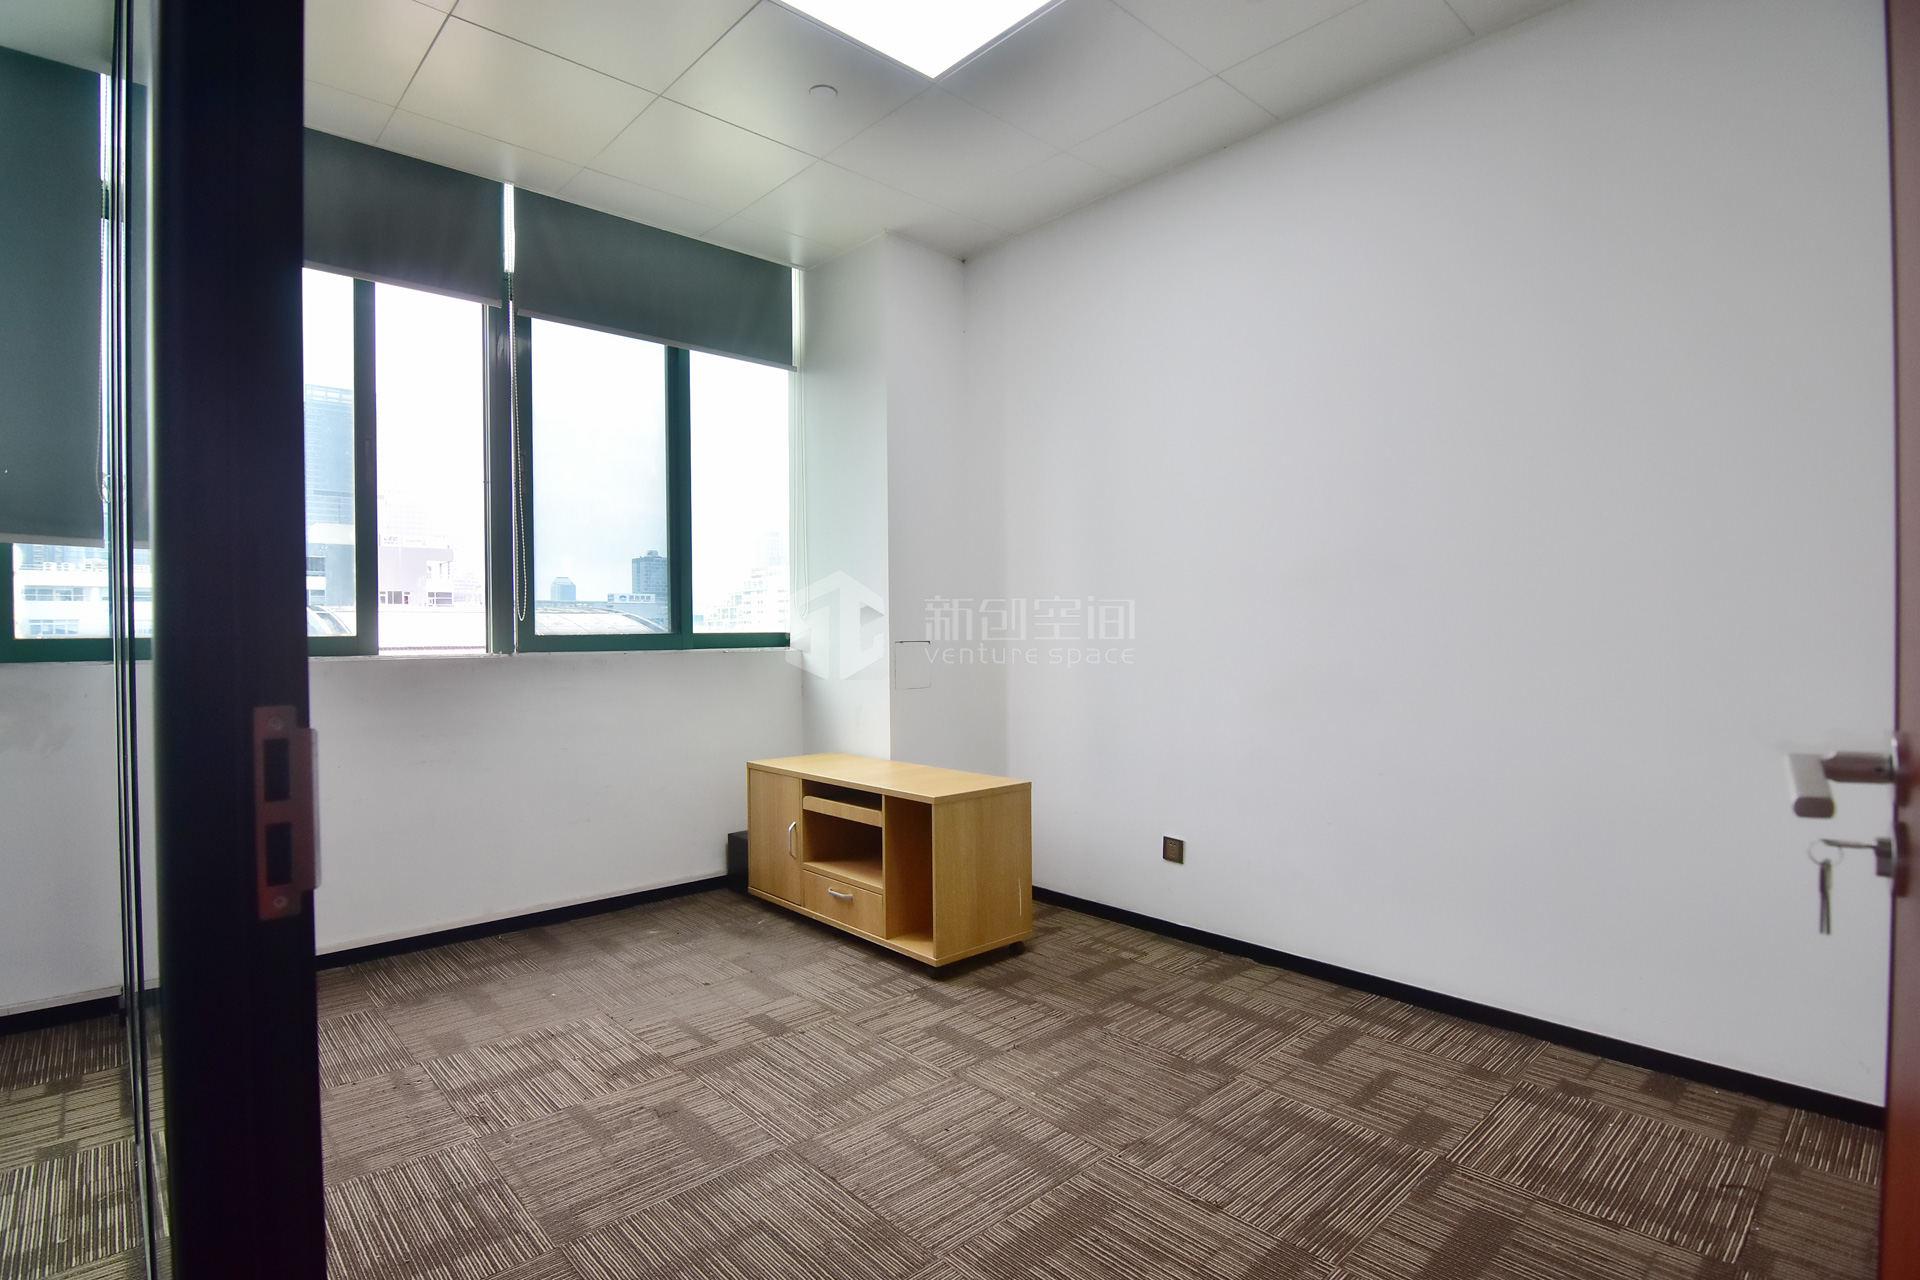 深圳虚拟大学园197㎡精装办公室出租12805元/月